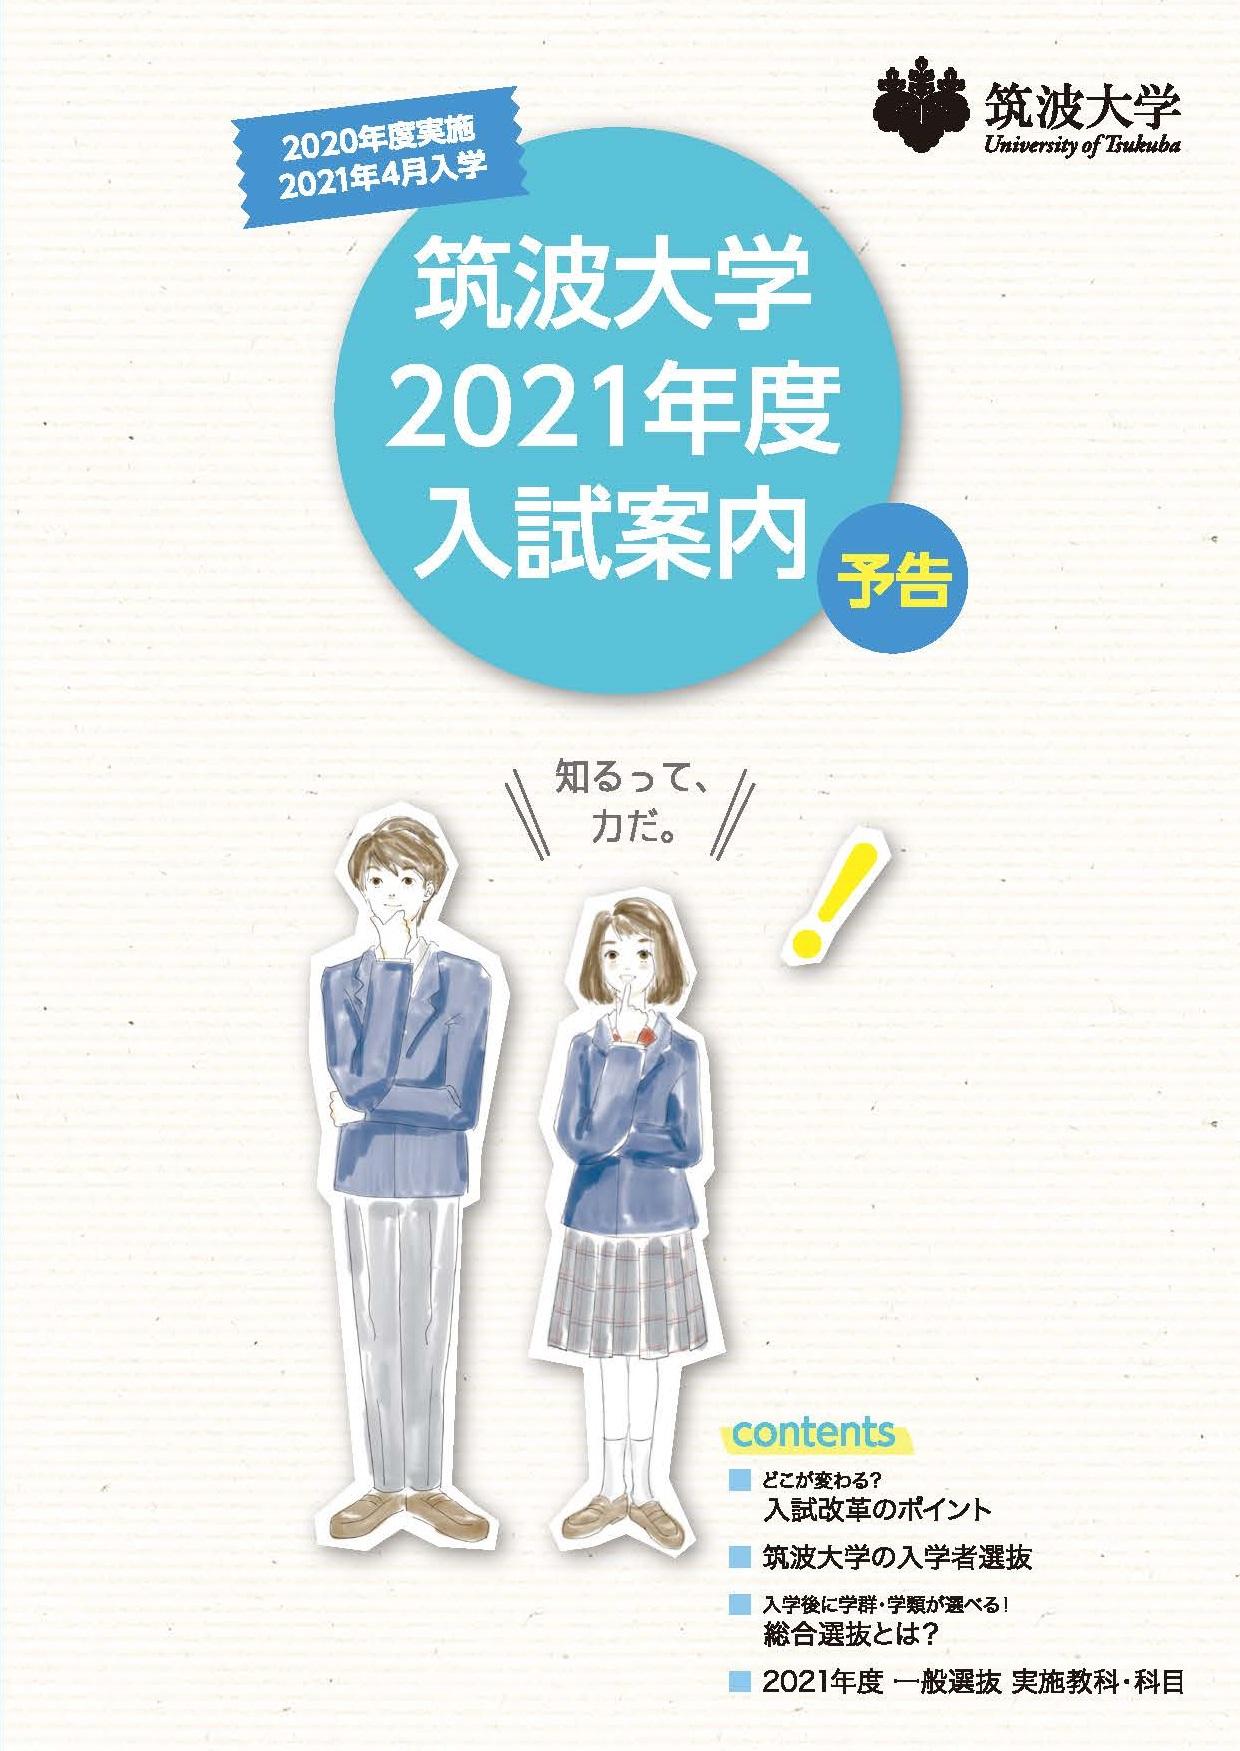 筑波大学 2021年度入試案内〔予告〕